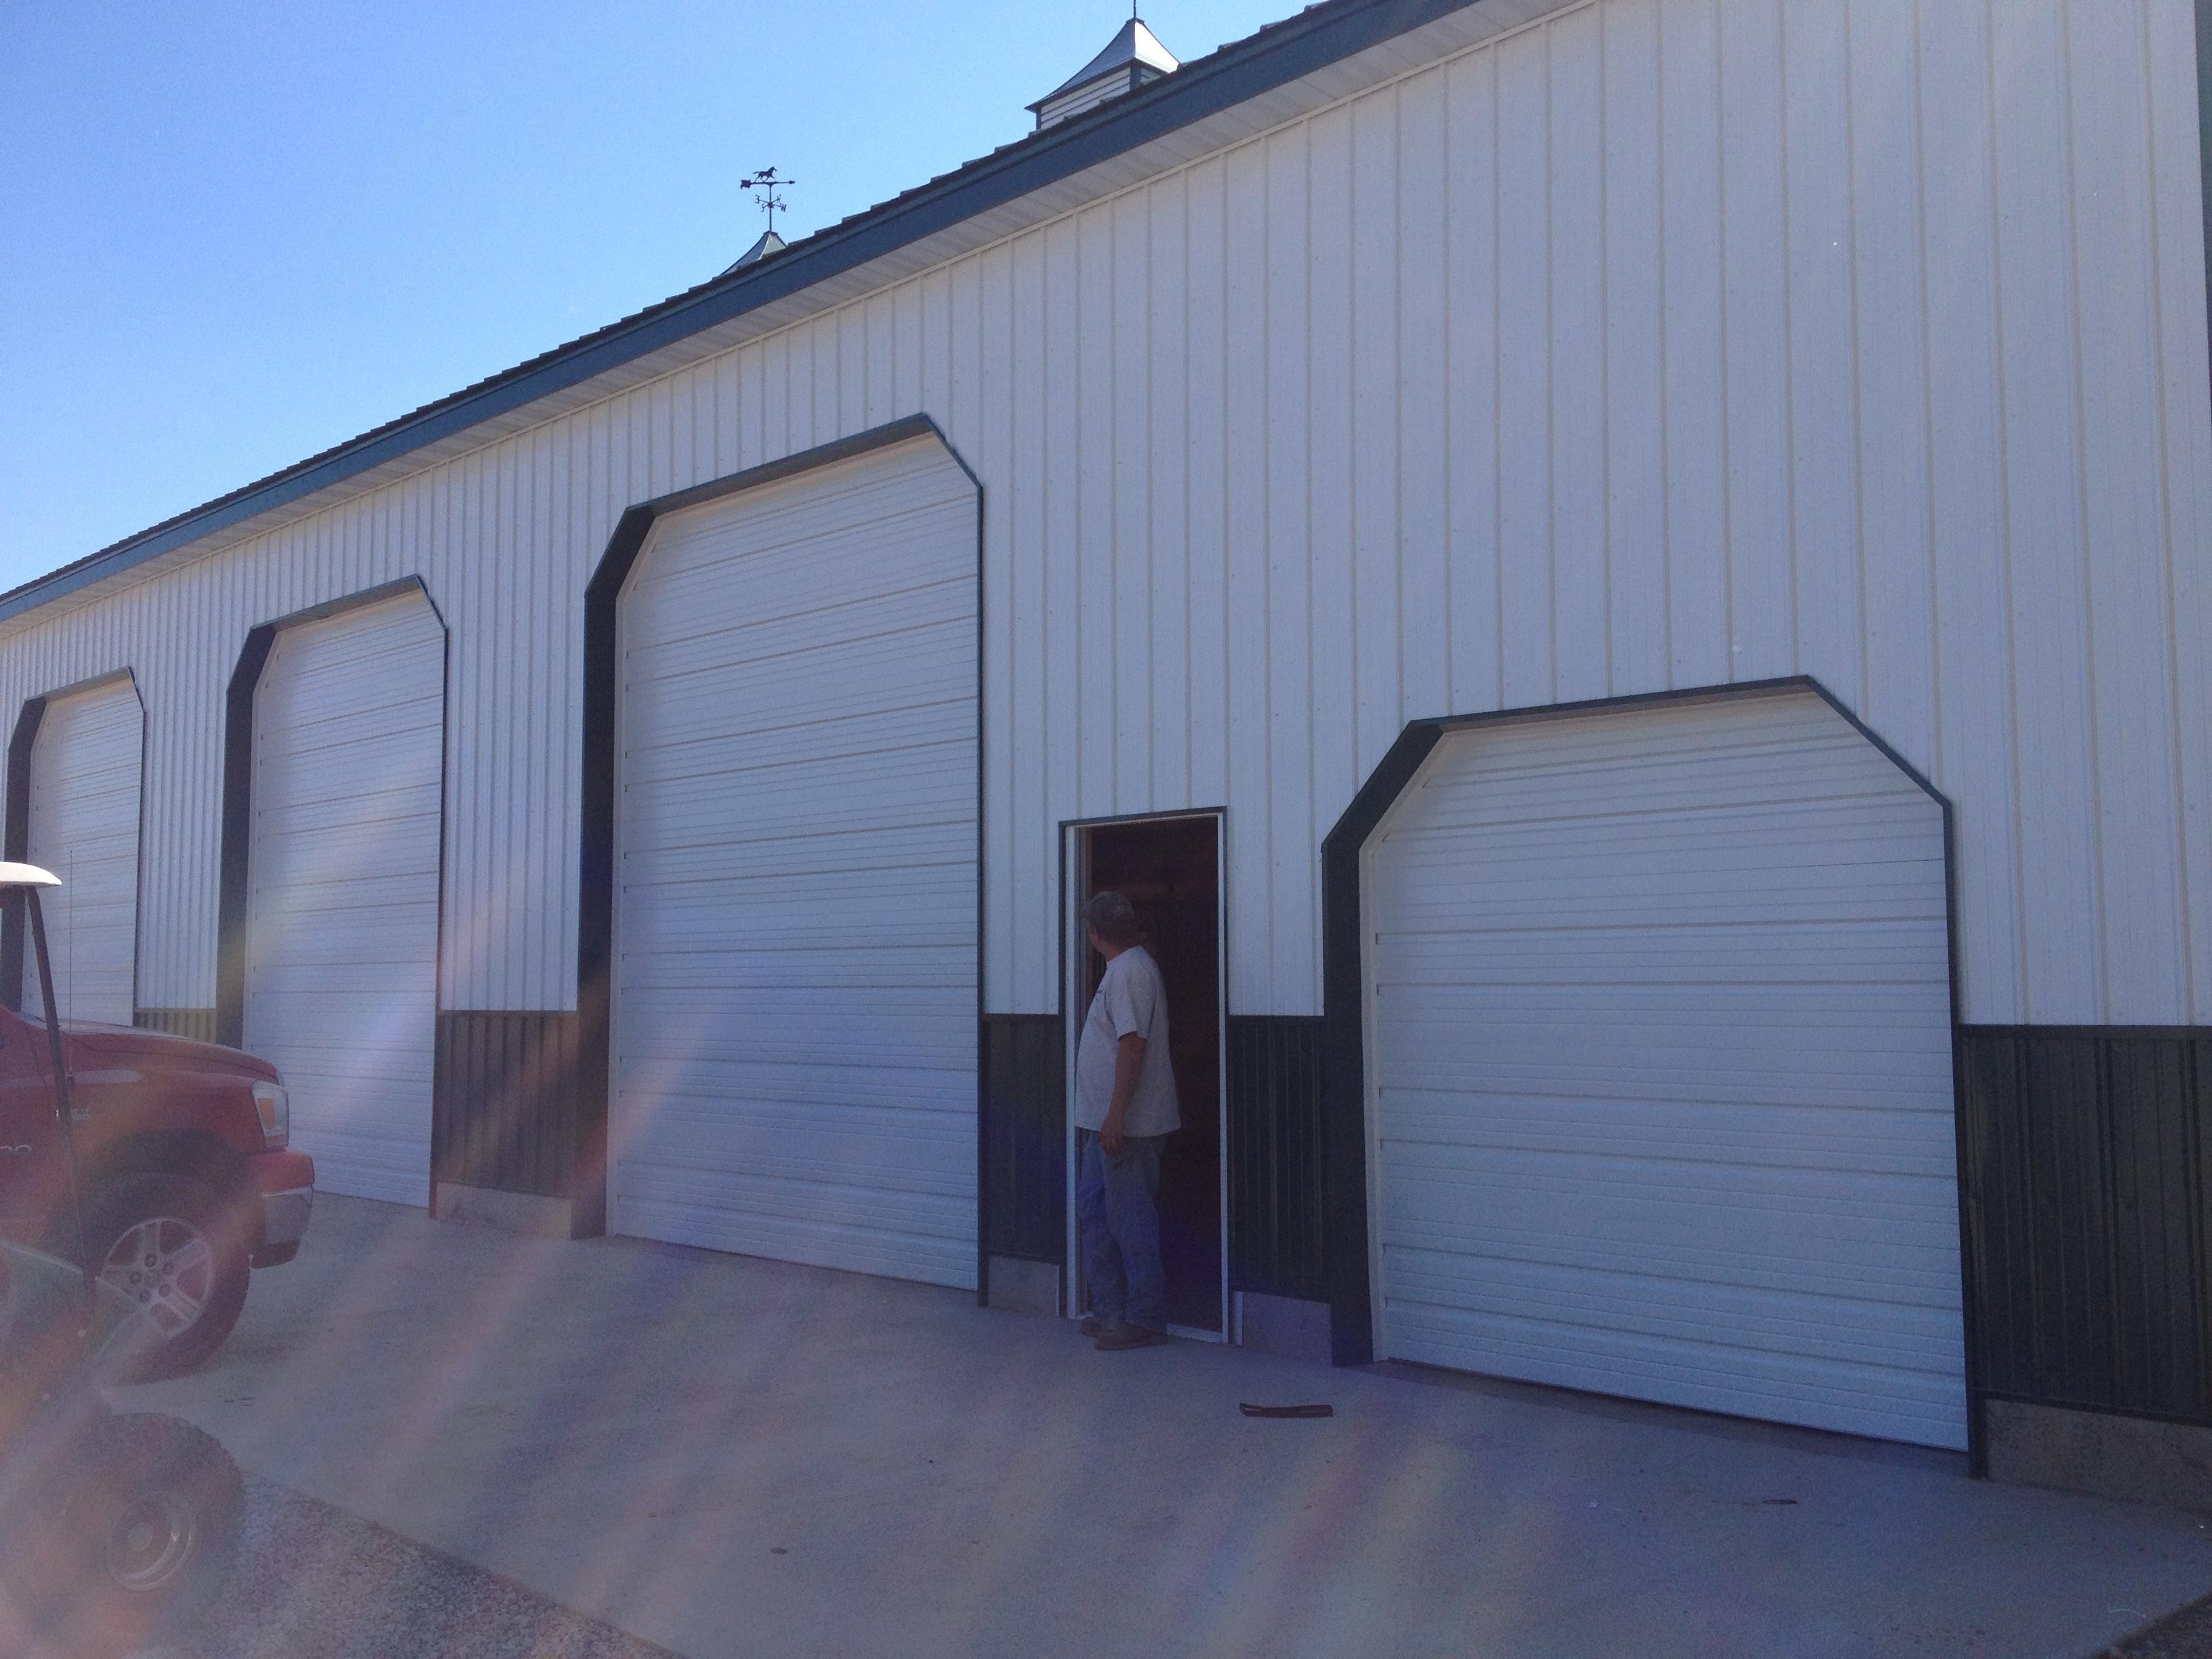 2448 #055DC6 Custom Garage Doors Ltd In Arcanum OH 45304 ChamberofCommerce.com picture/photo Specialty Garage Doors 36893264